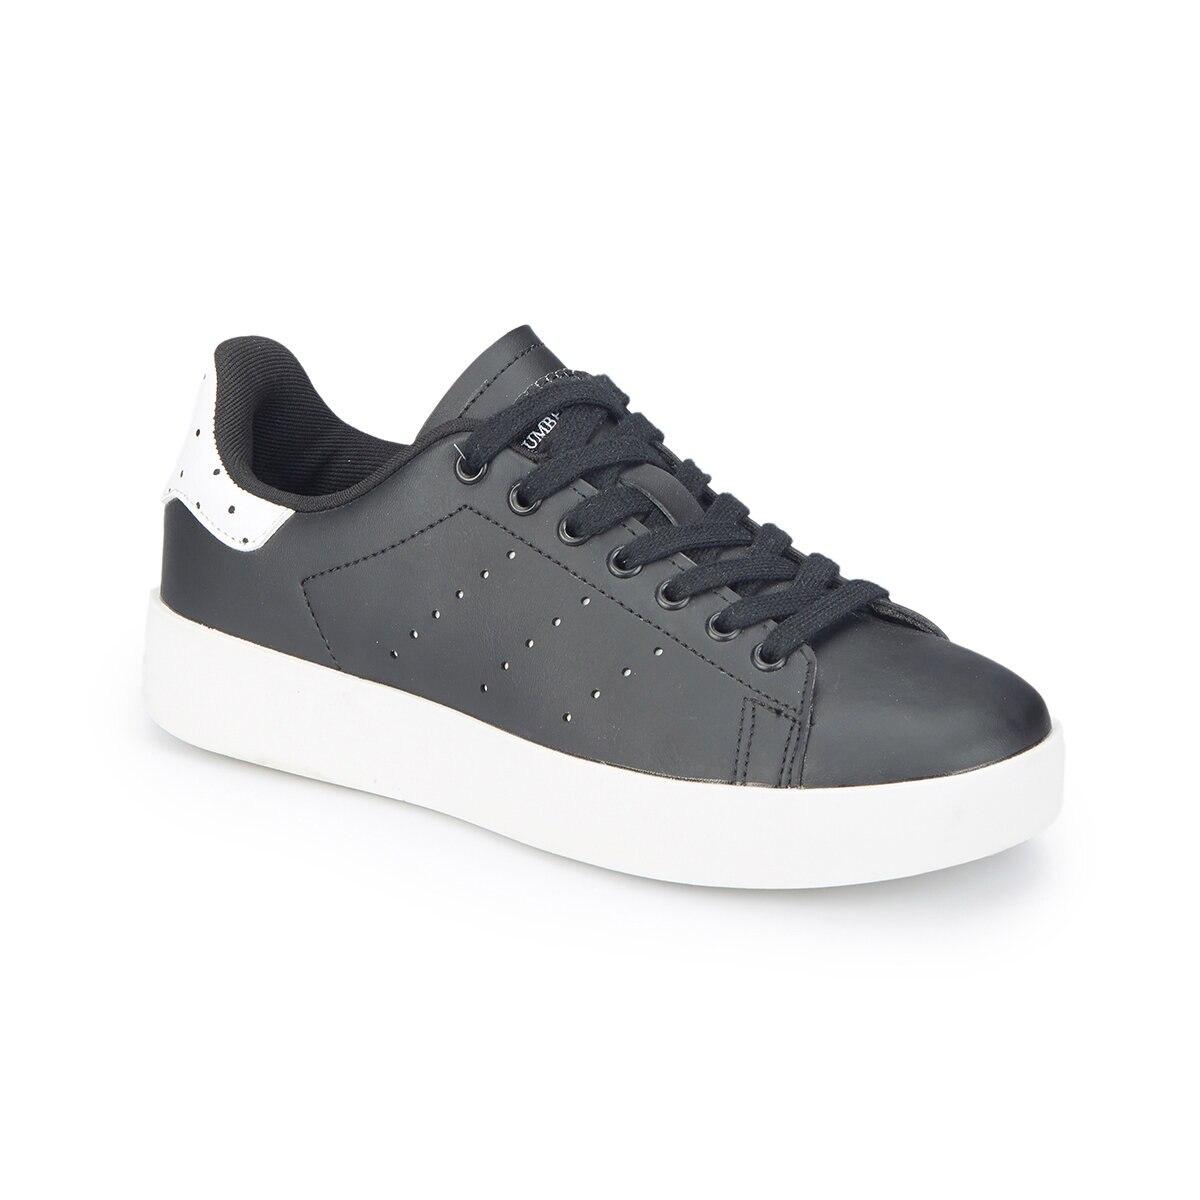 FLO KIKO Black Women 'S Sneaker Shoes LUMBERJACK